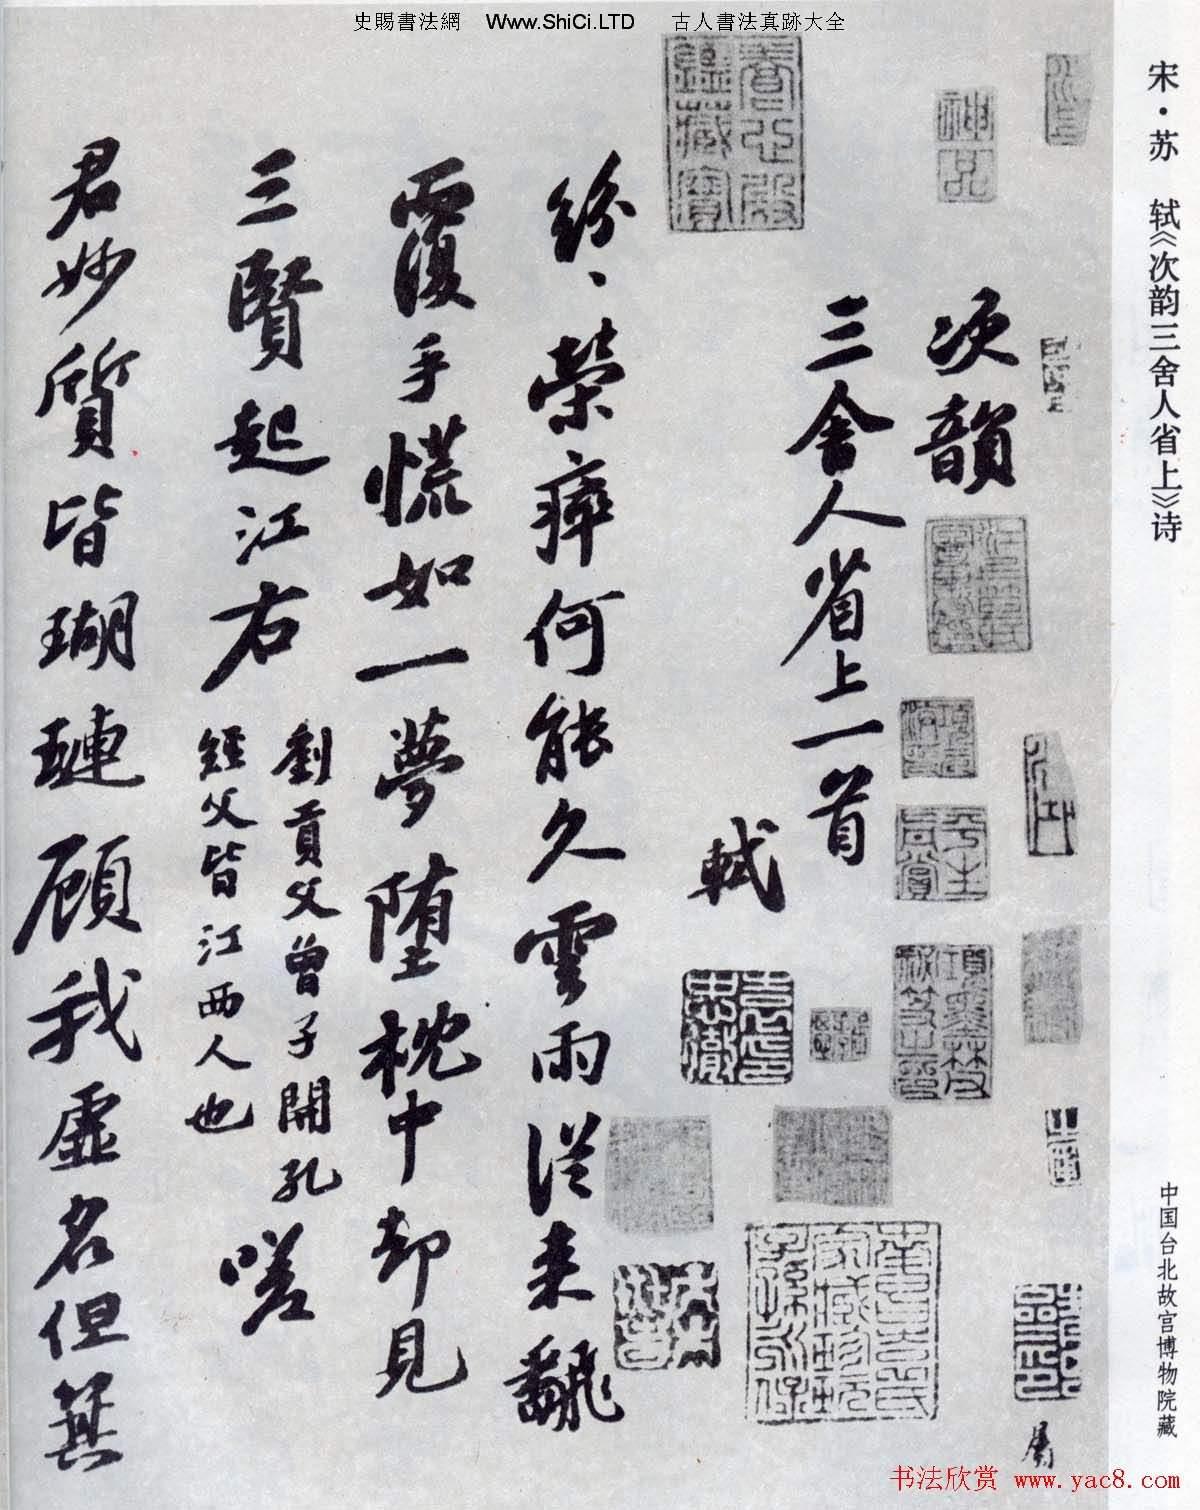 蘇軾行書次韶三舍人省上詩帖(共2張圖片)